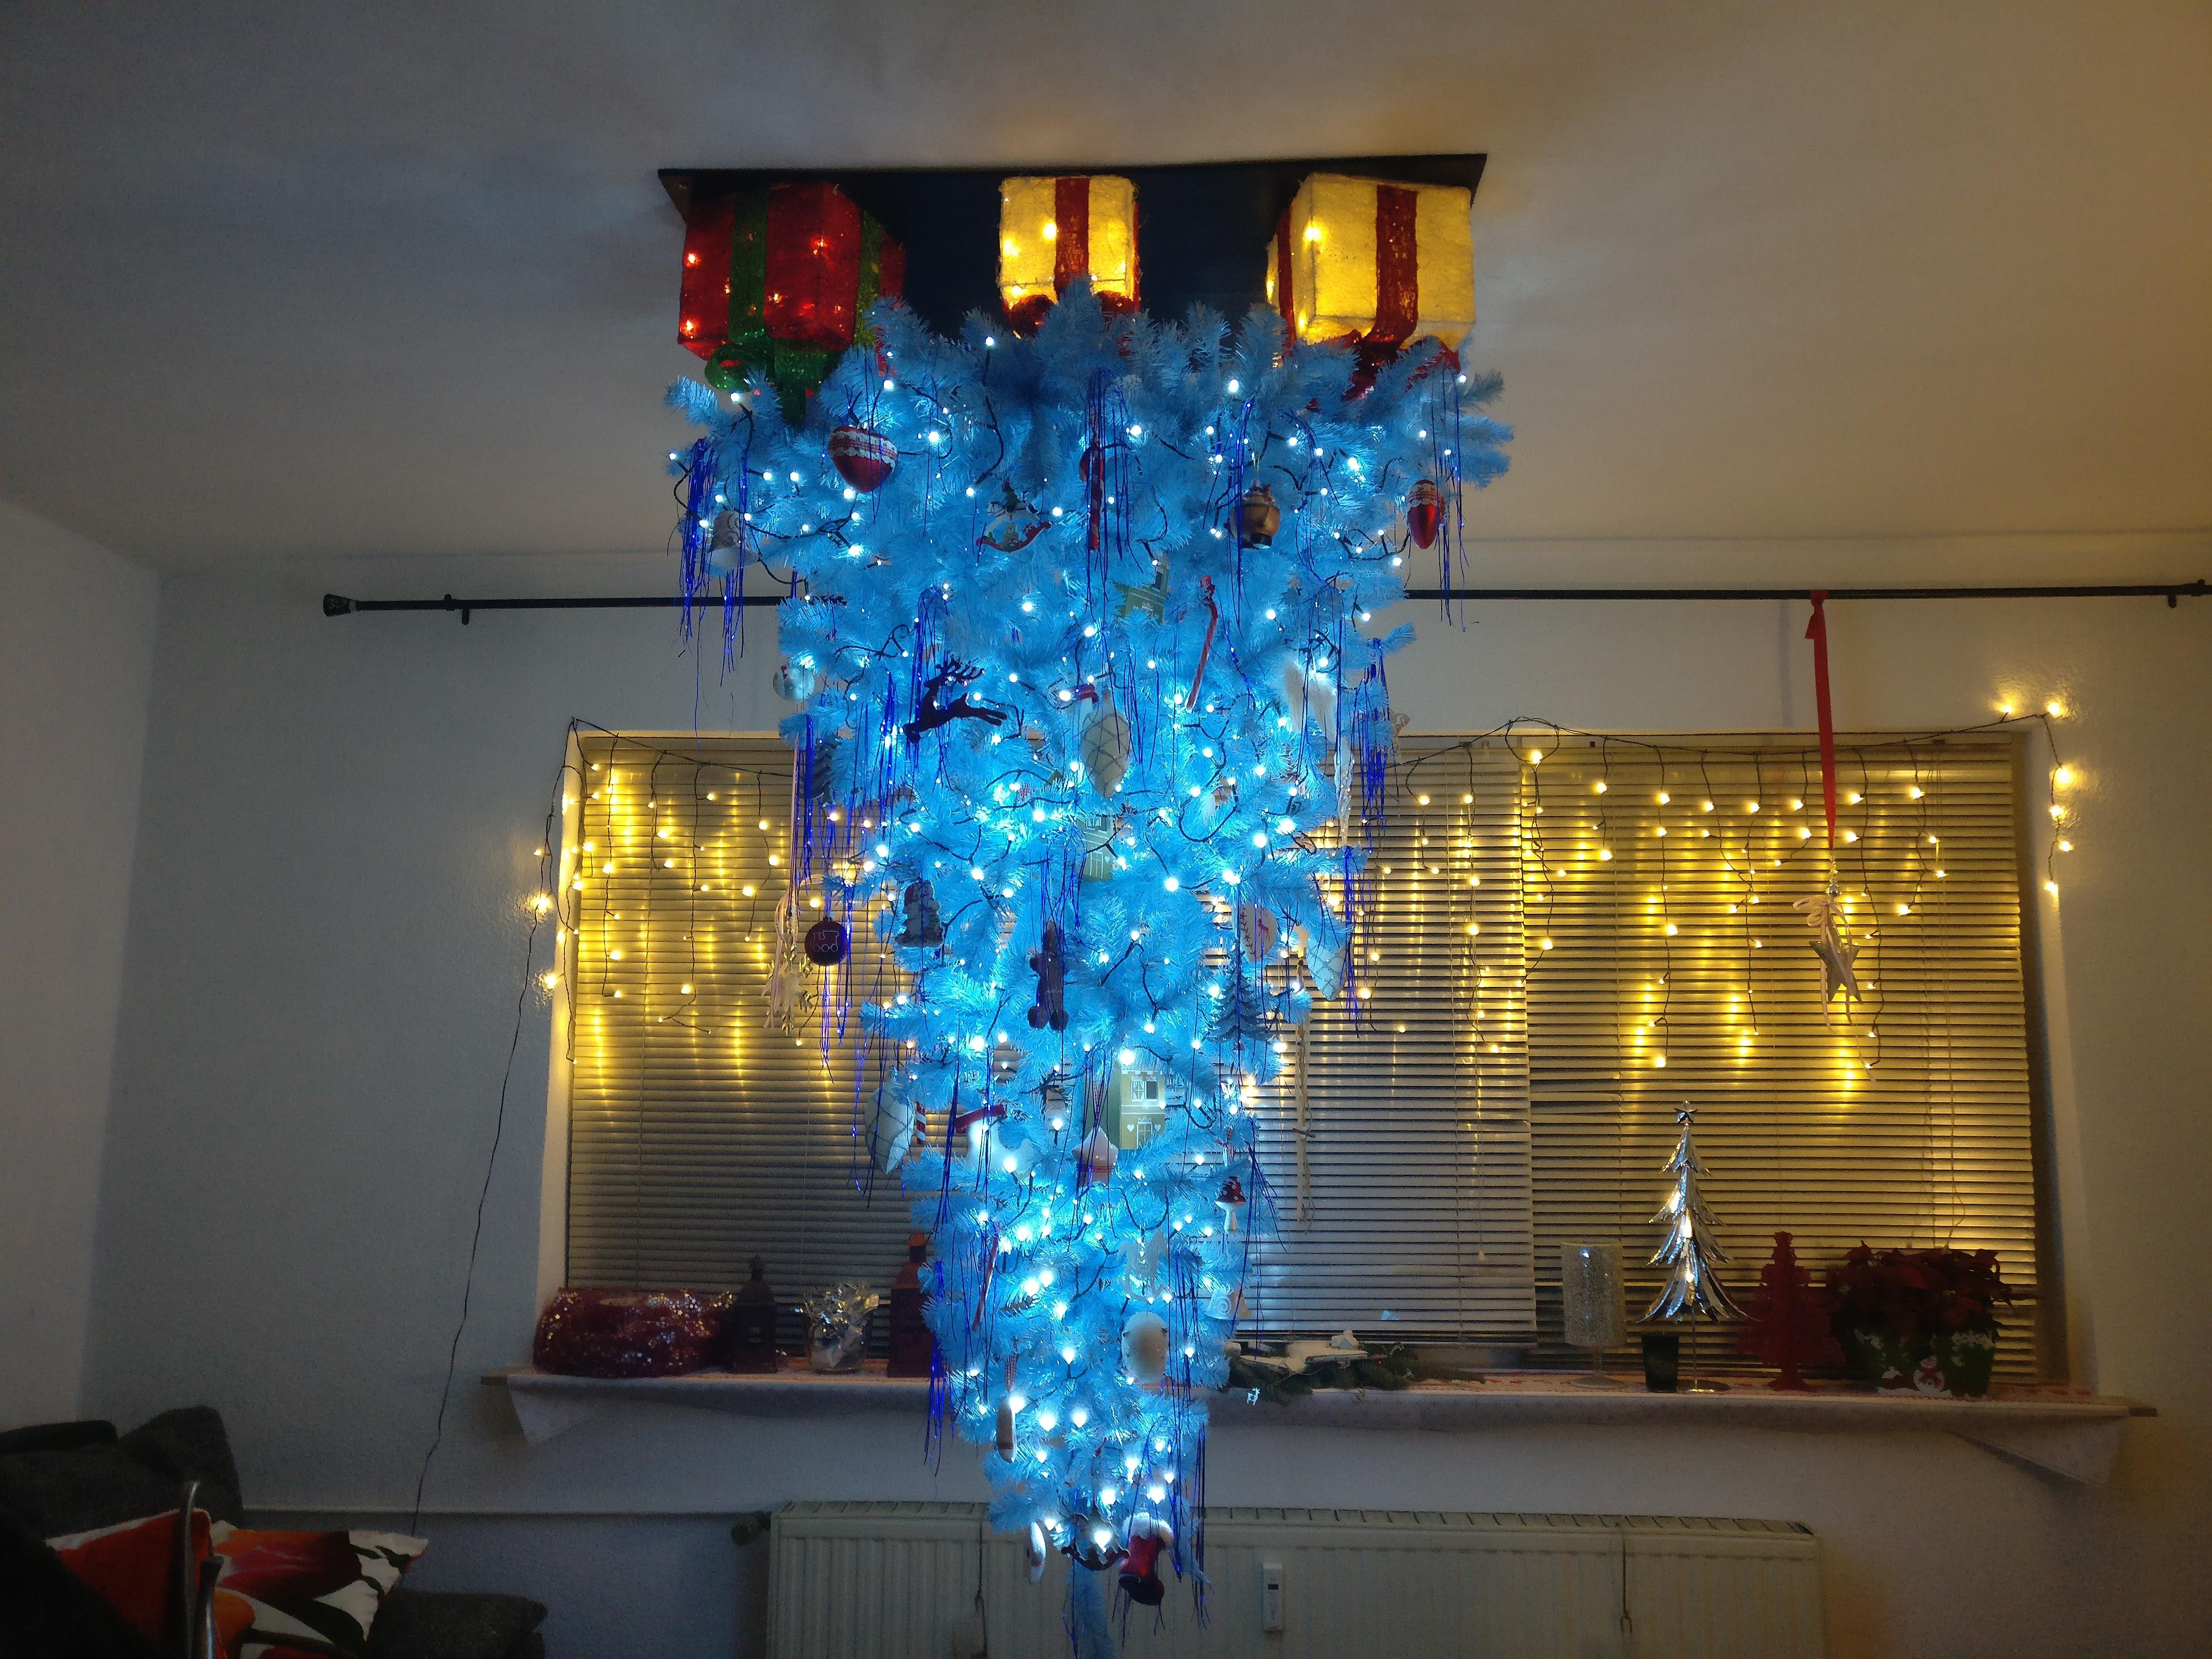 Weihnachtsbaum an der decke aufgehangt